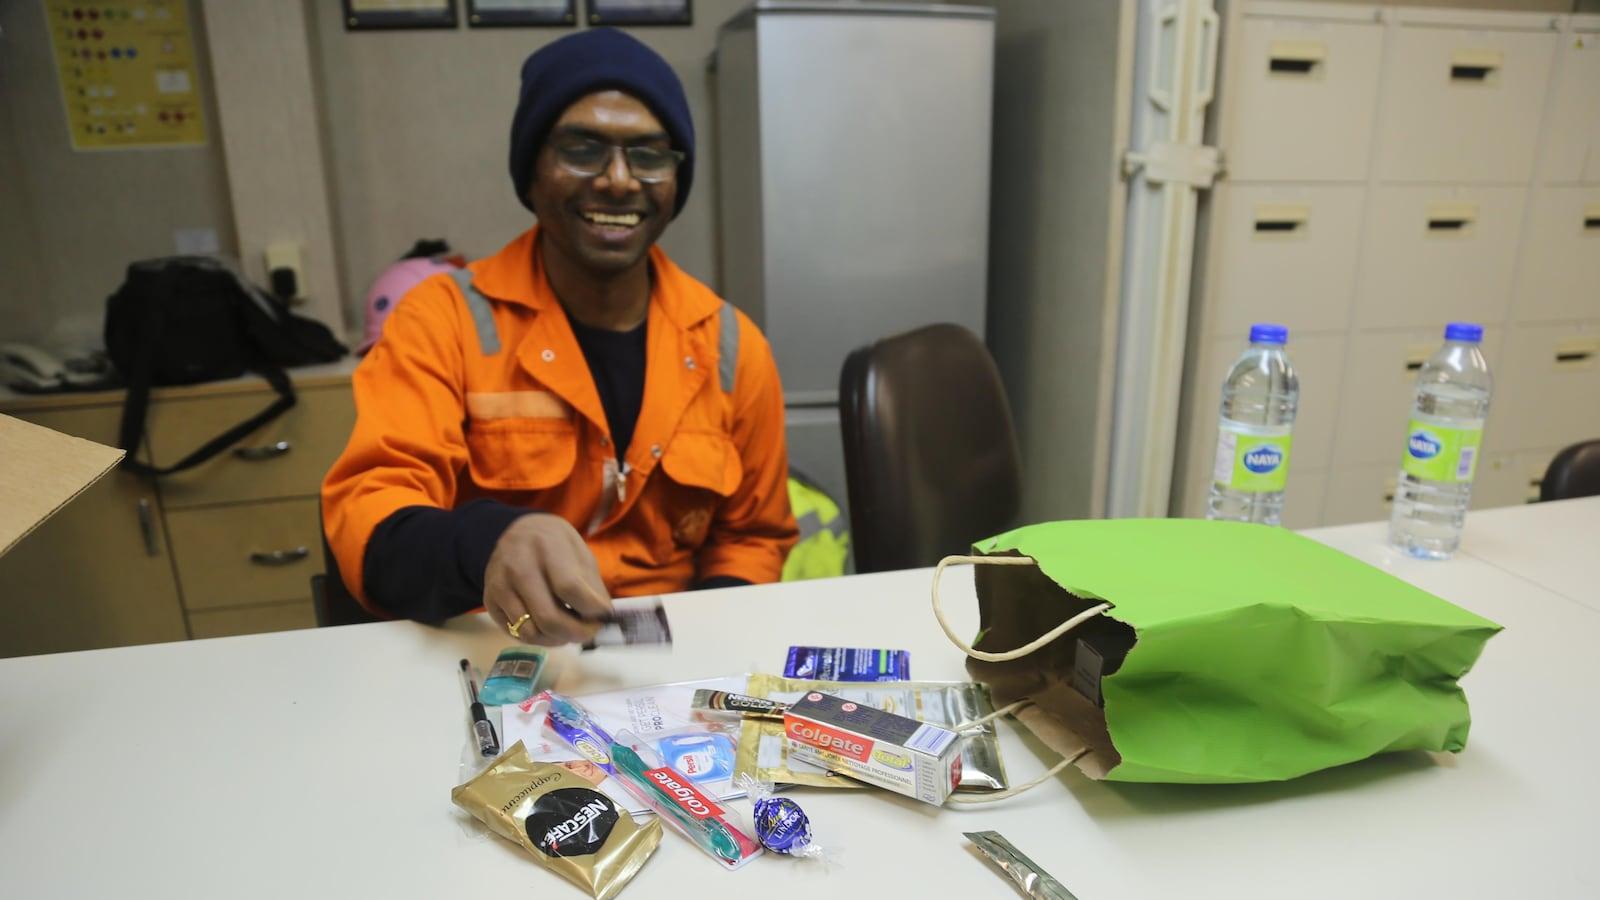 Un homme sourit devant des objets étalés sur une table devant lui. On peut y voir du dentifrice, des brosses à dents et des stylos.